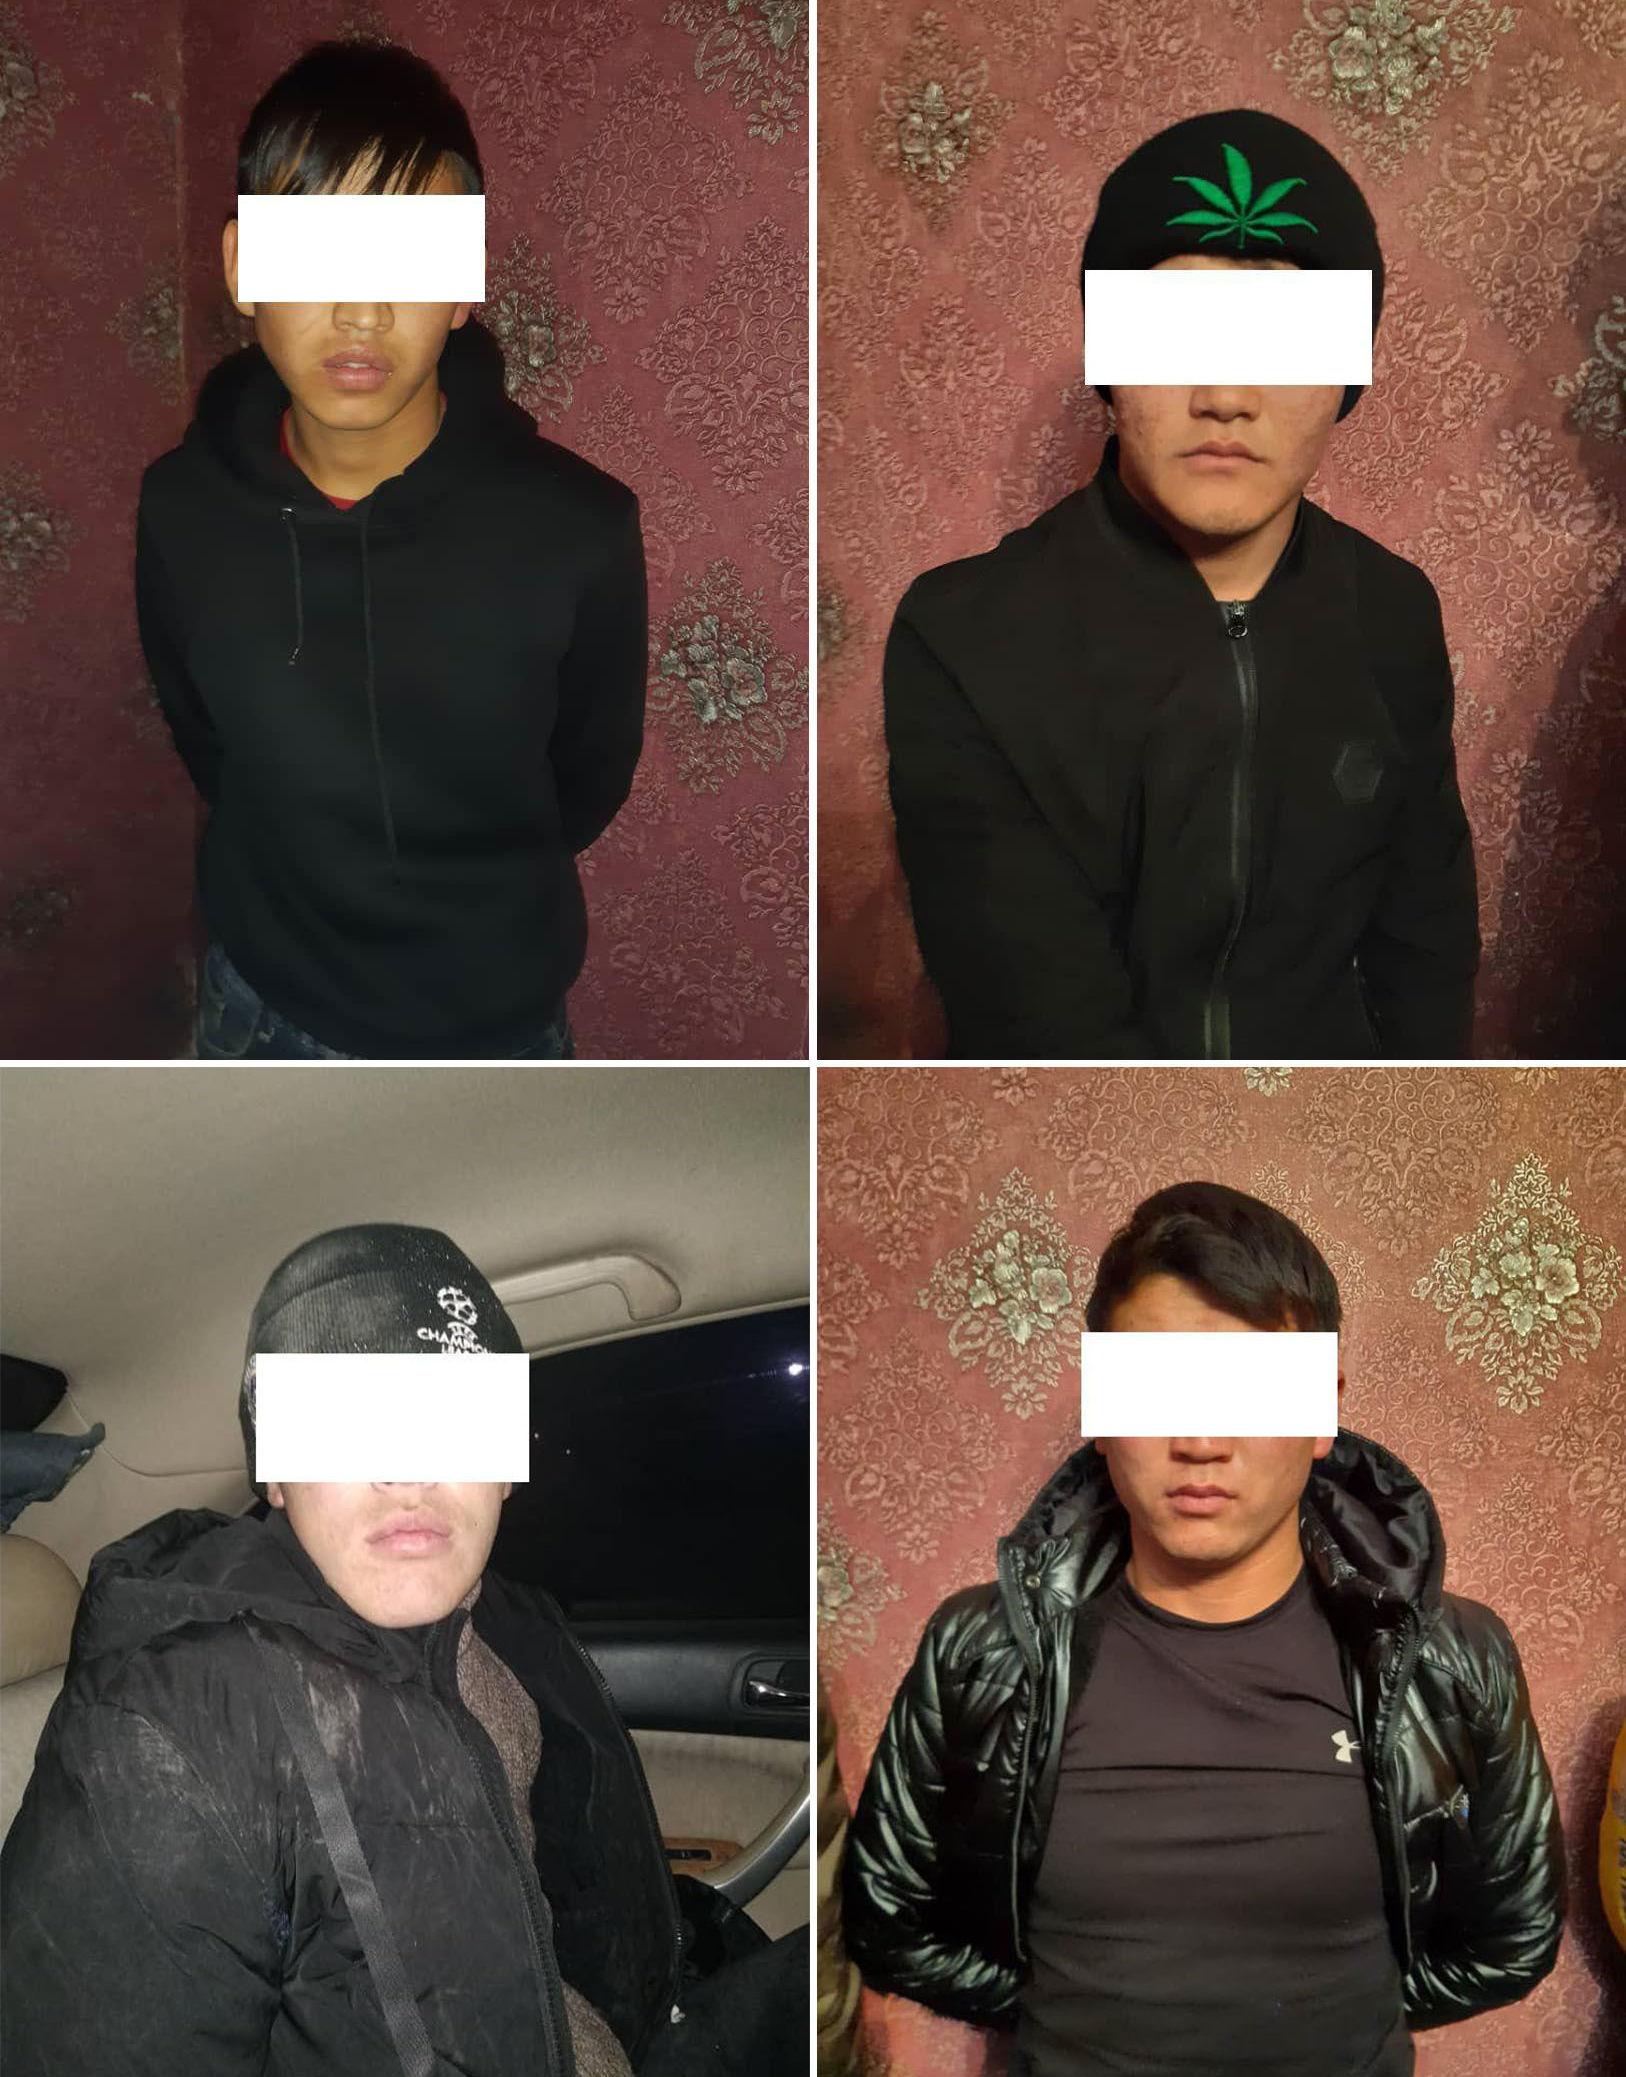 Подозреваемые в убийстве 19-летнего юноши в селе Нижняя Ала-Арча